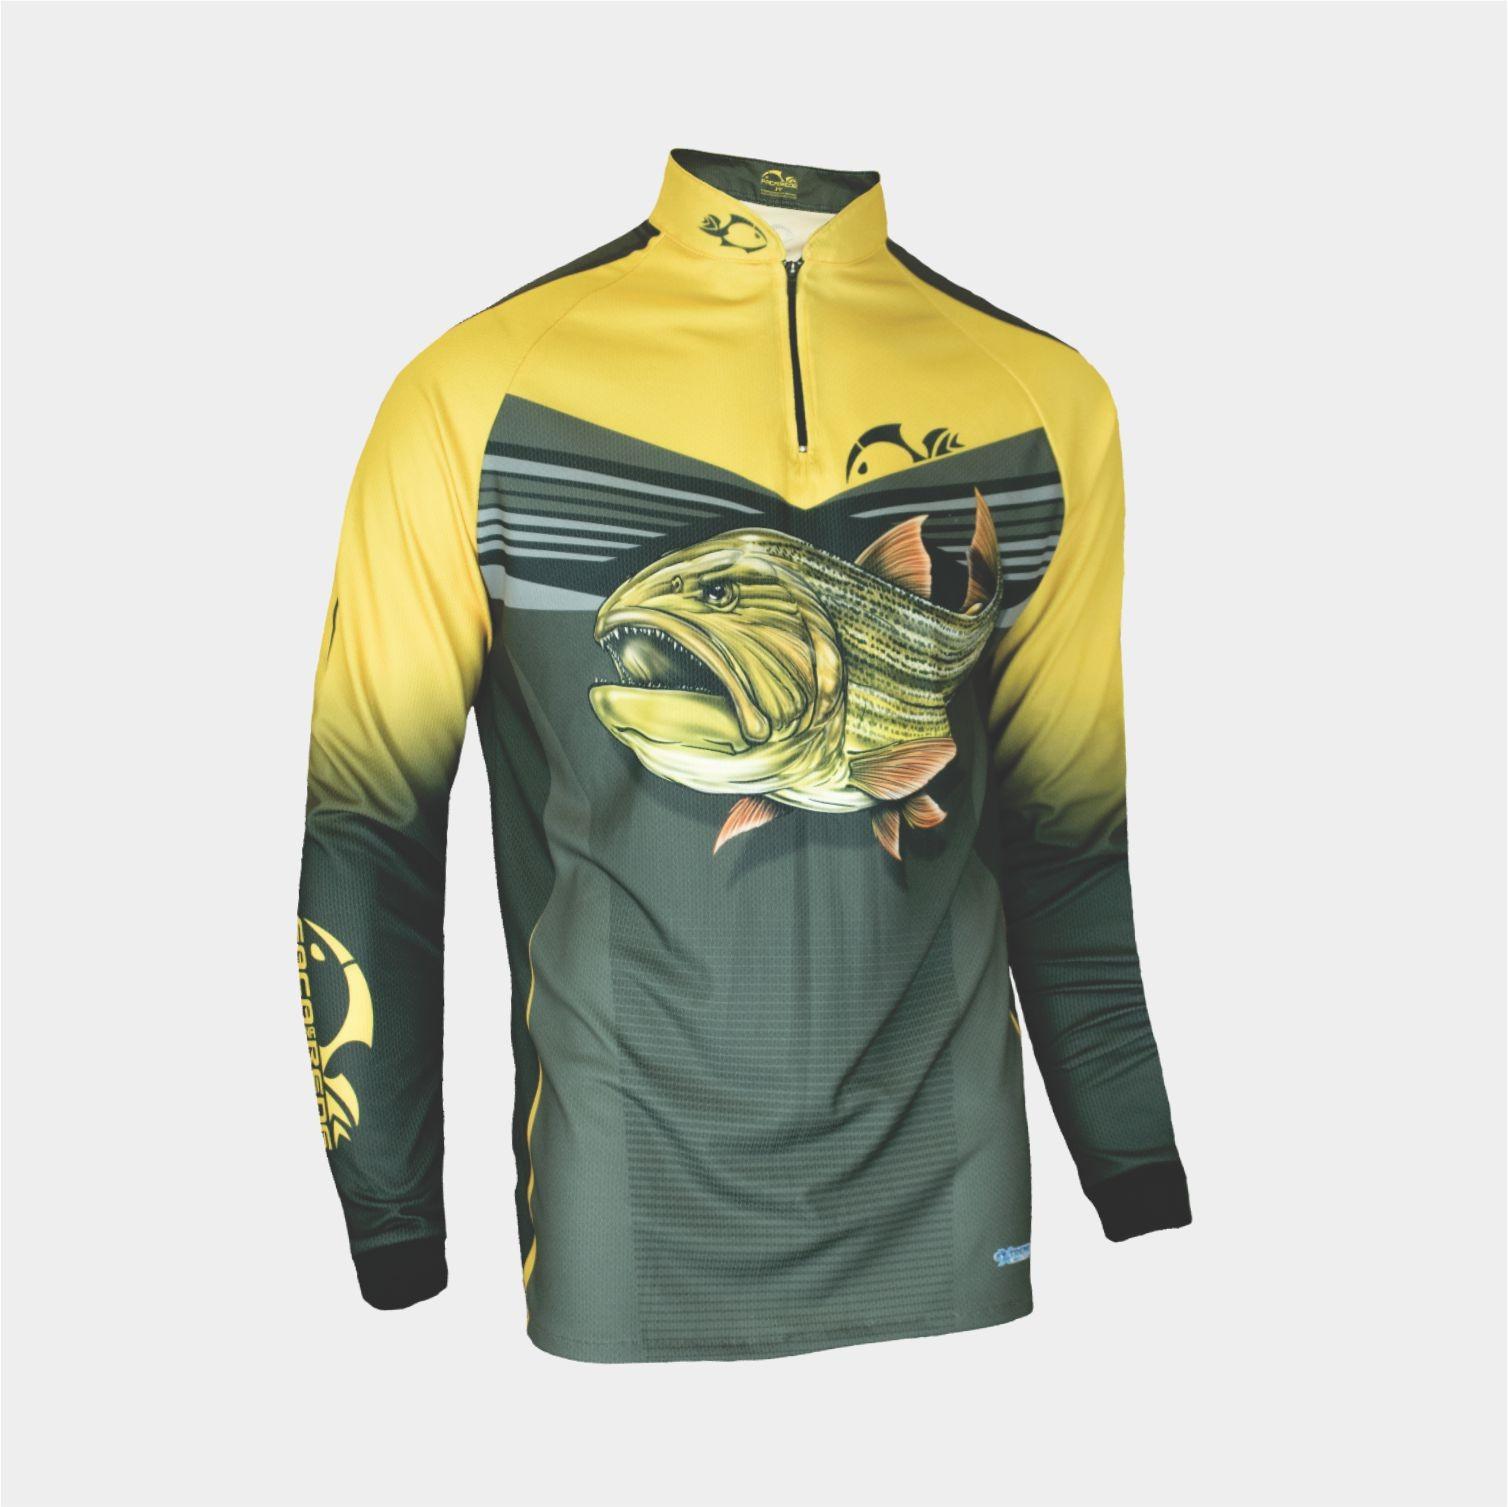 Camiseta Faca na Rede Evo Dourado Extreme Dry Coleção 2019/2020